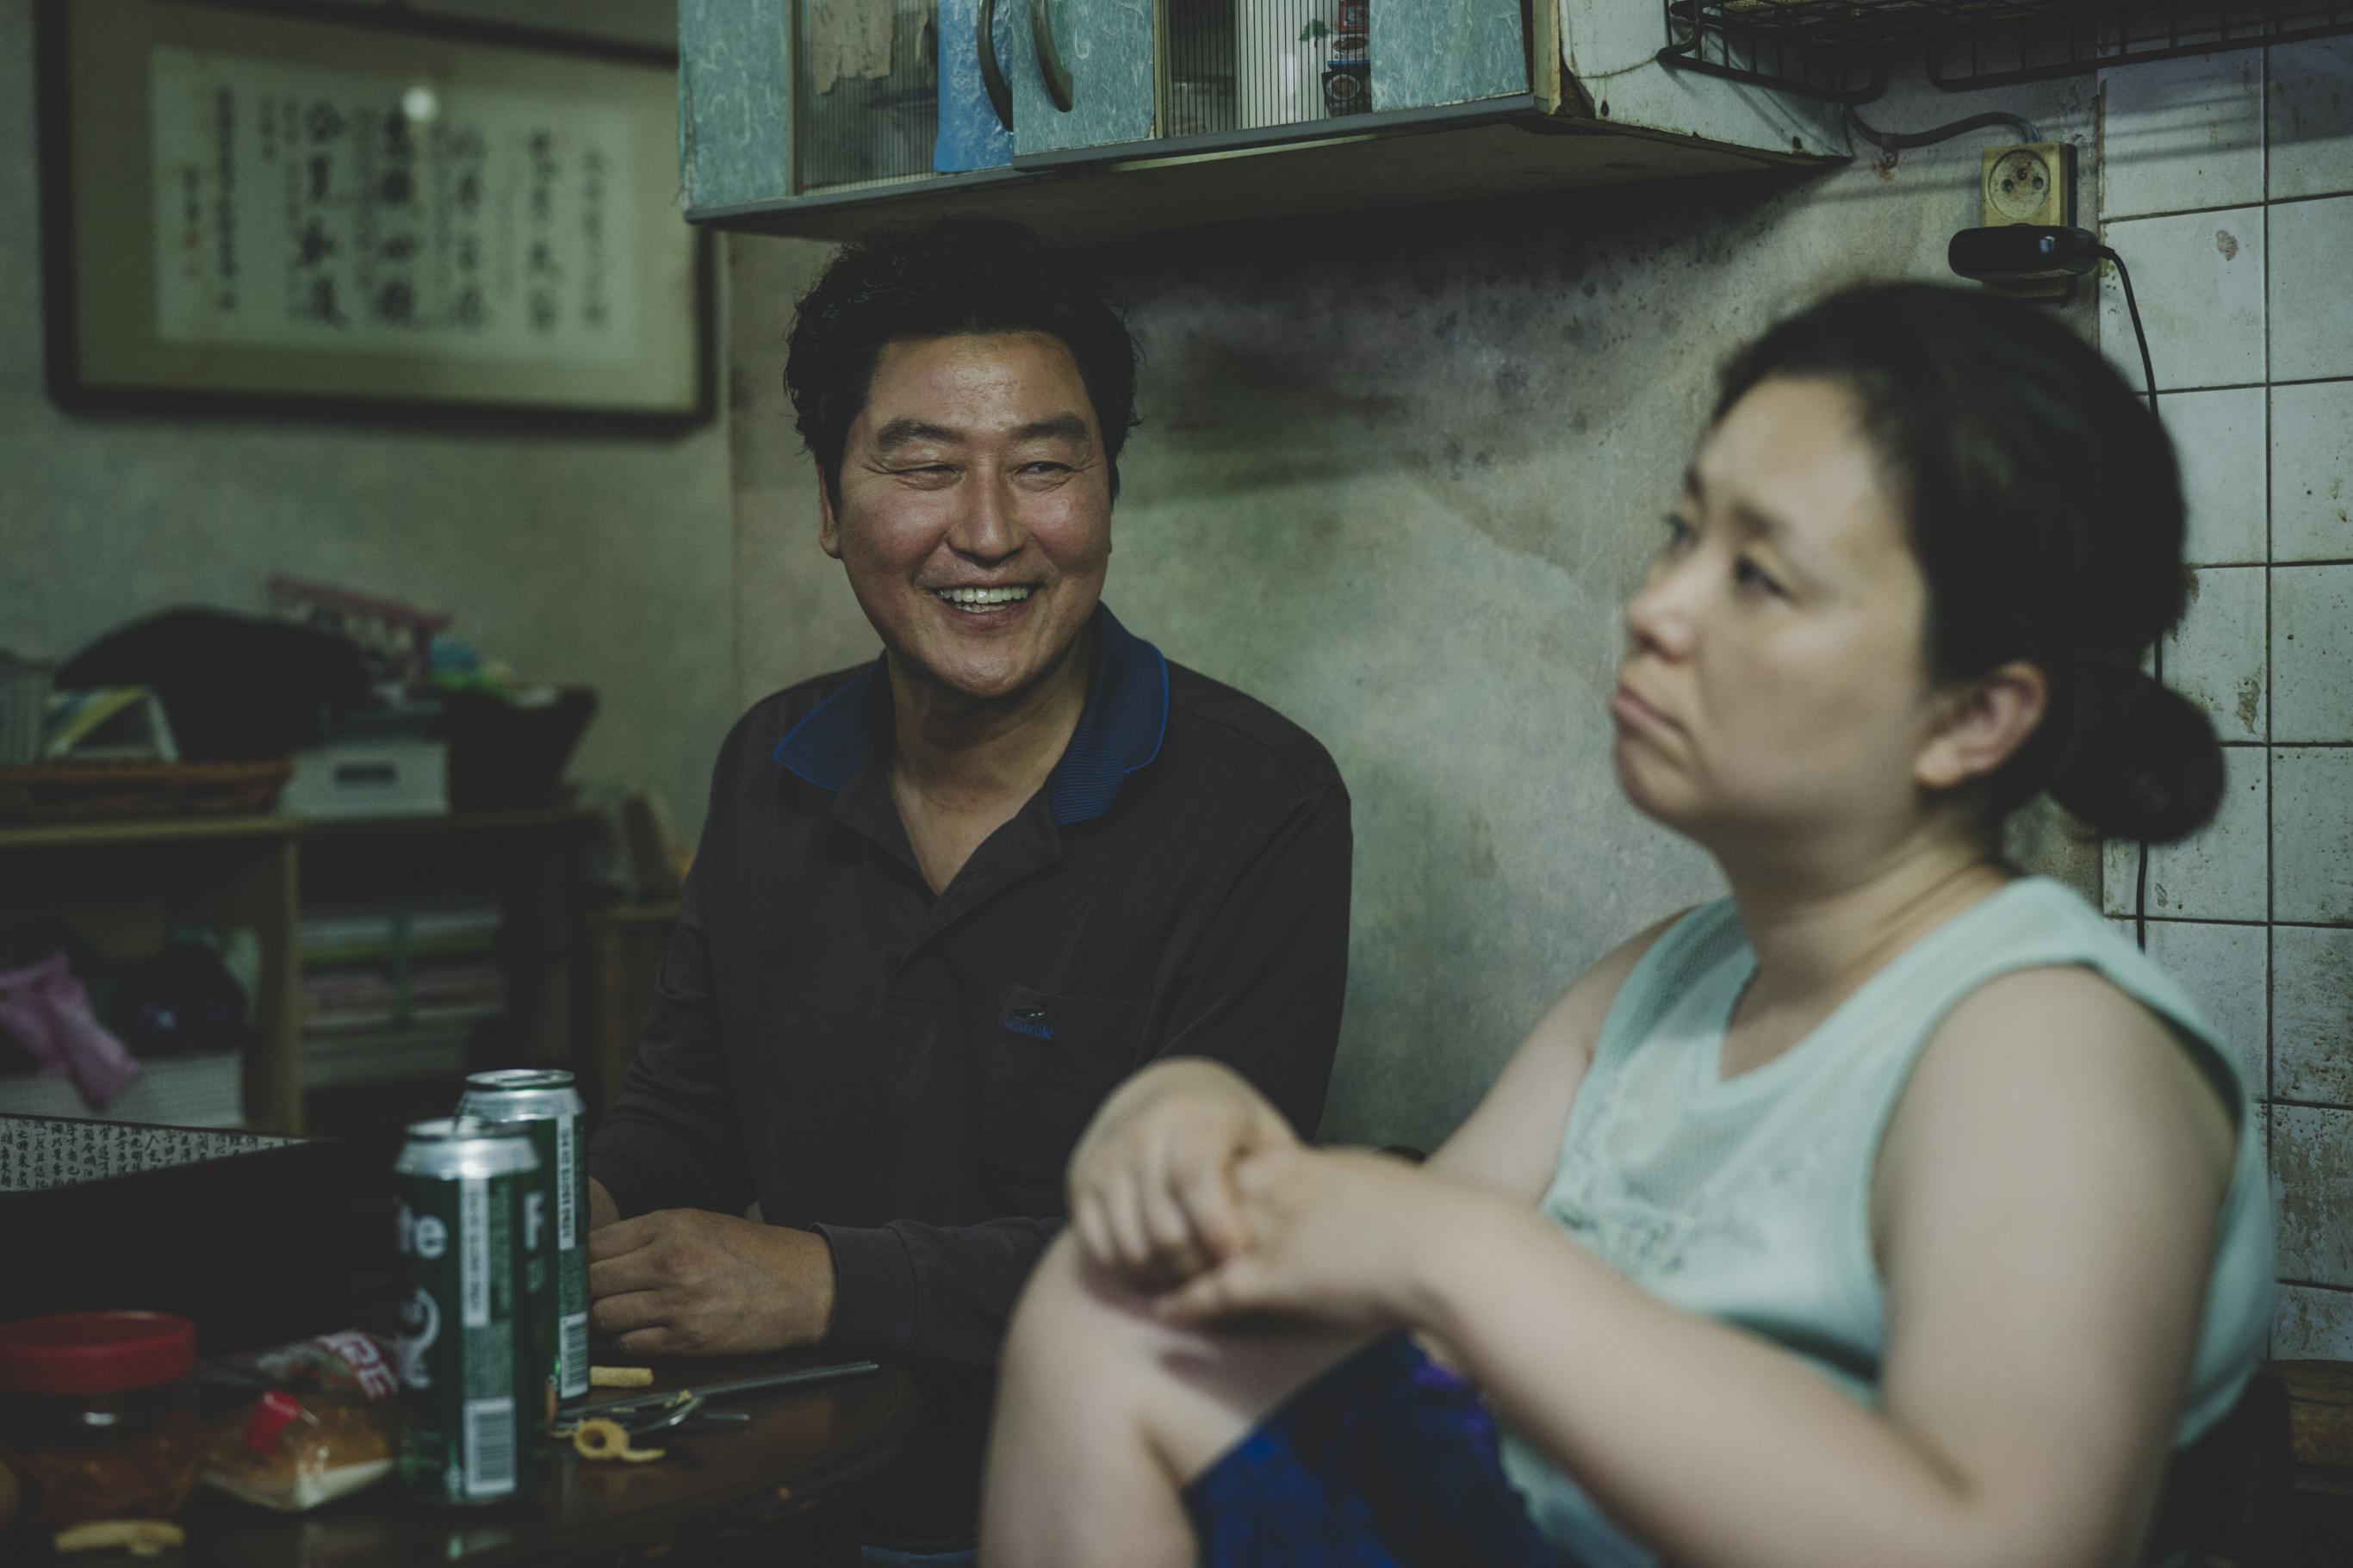 《寄生上流》韓國票房稱冠 首4日觀影人次超越《雞不可失》  開票賣座7.7億台幣口碑零負評 導演謝票提醒勿爆雷